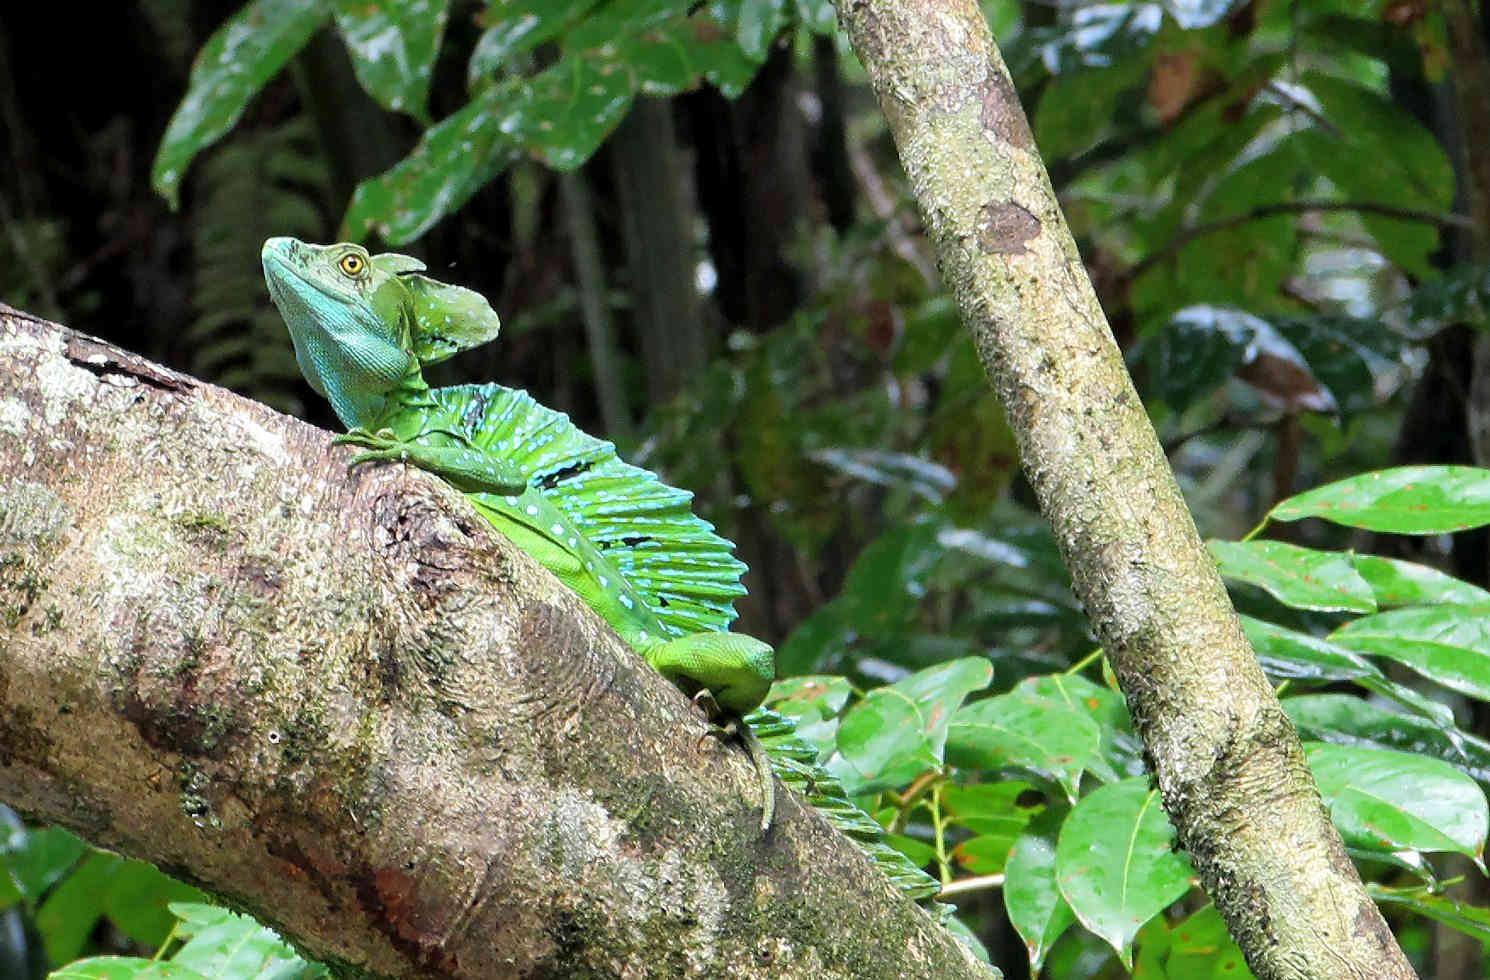 Tortuguero, Limón Province in Costa Rica